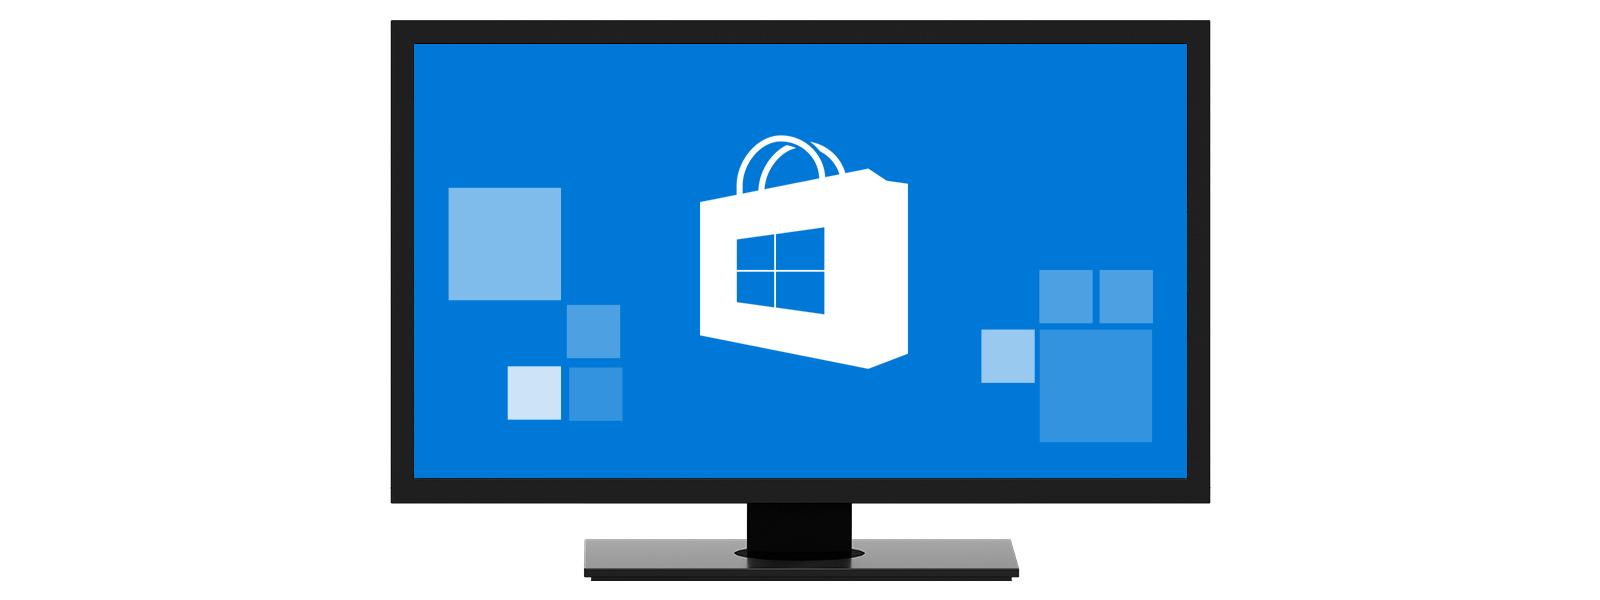 PC với logo Microsoft Store trên màn hình